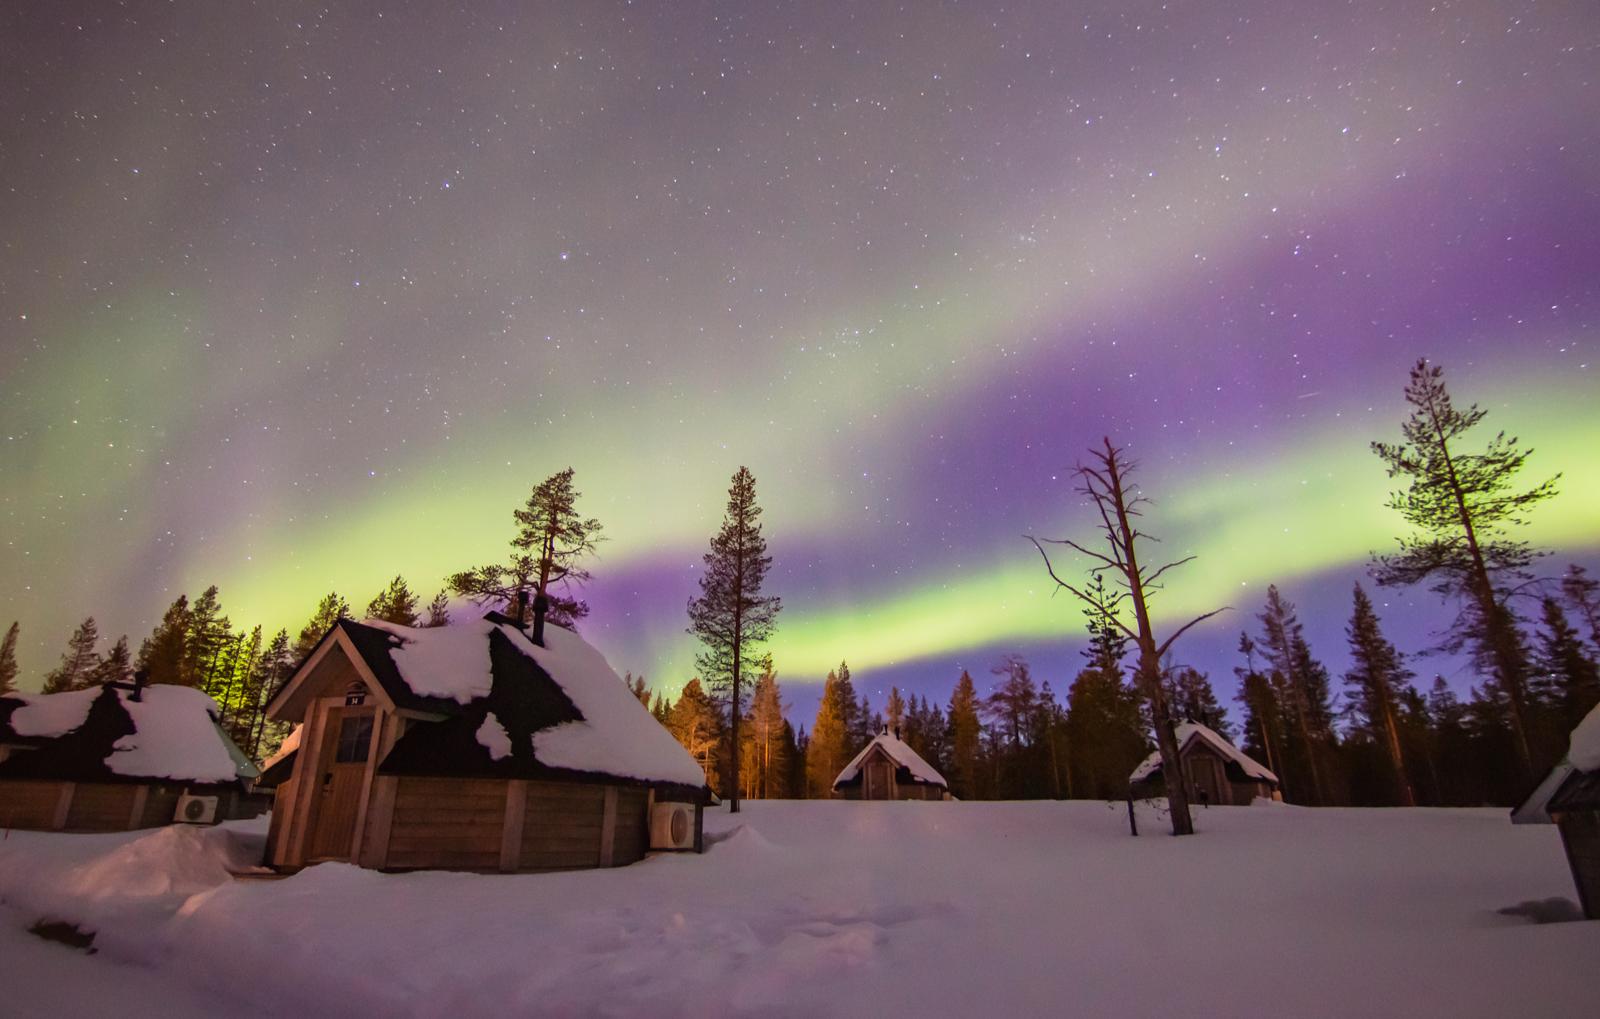 kurzurlaub-nordlichter-suche-lappland-bg3